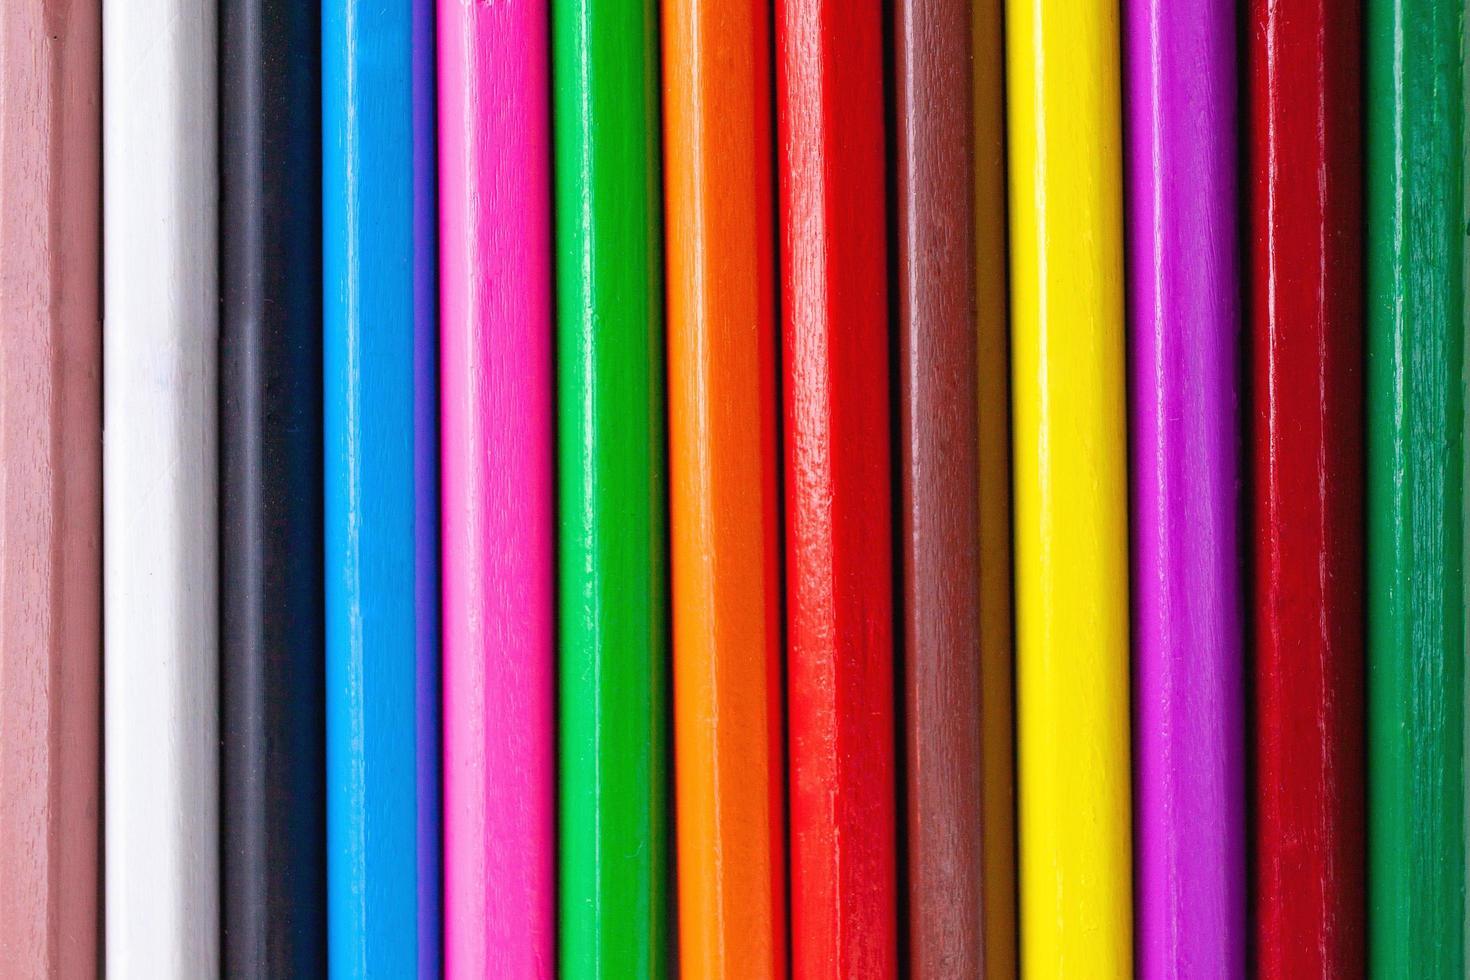 Patrón abstracto de lápices de colores de madera con textura de fondo. foto